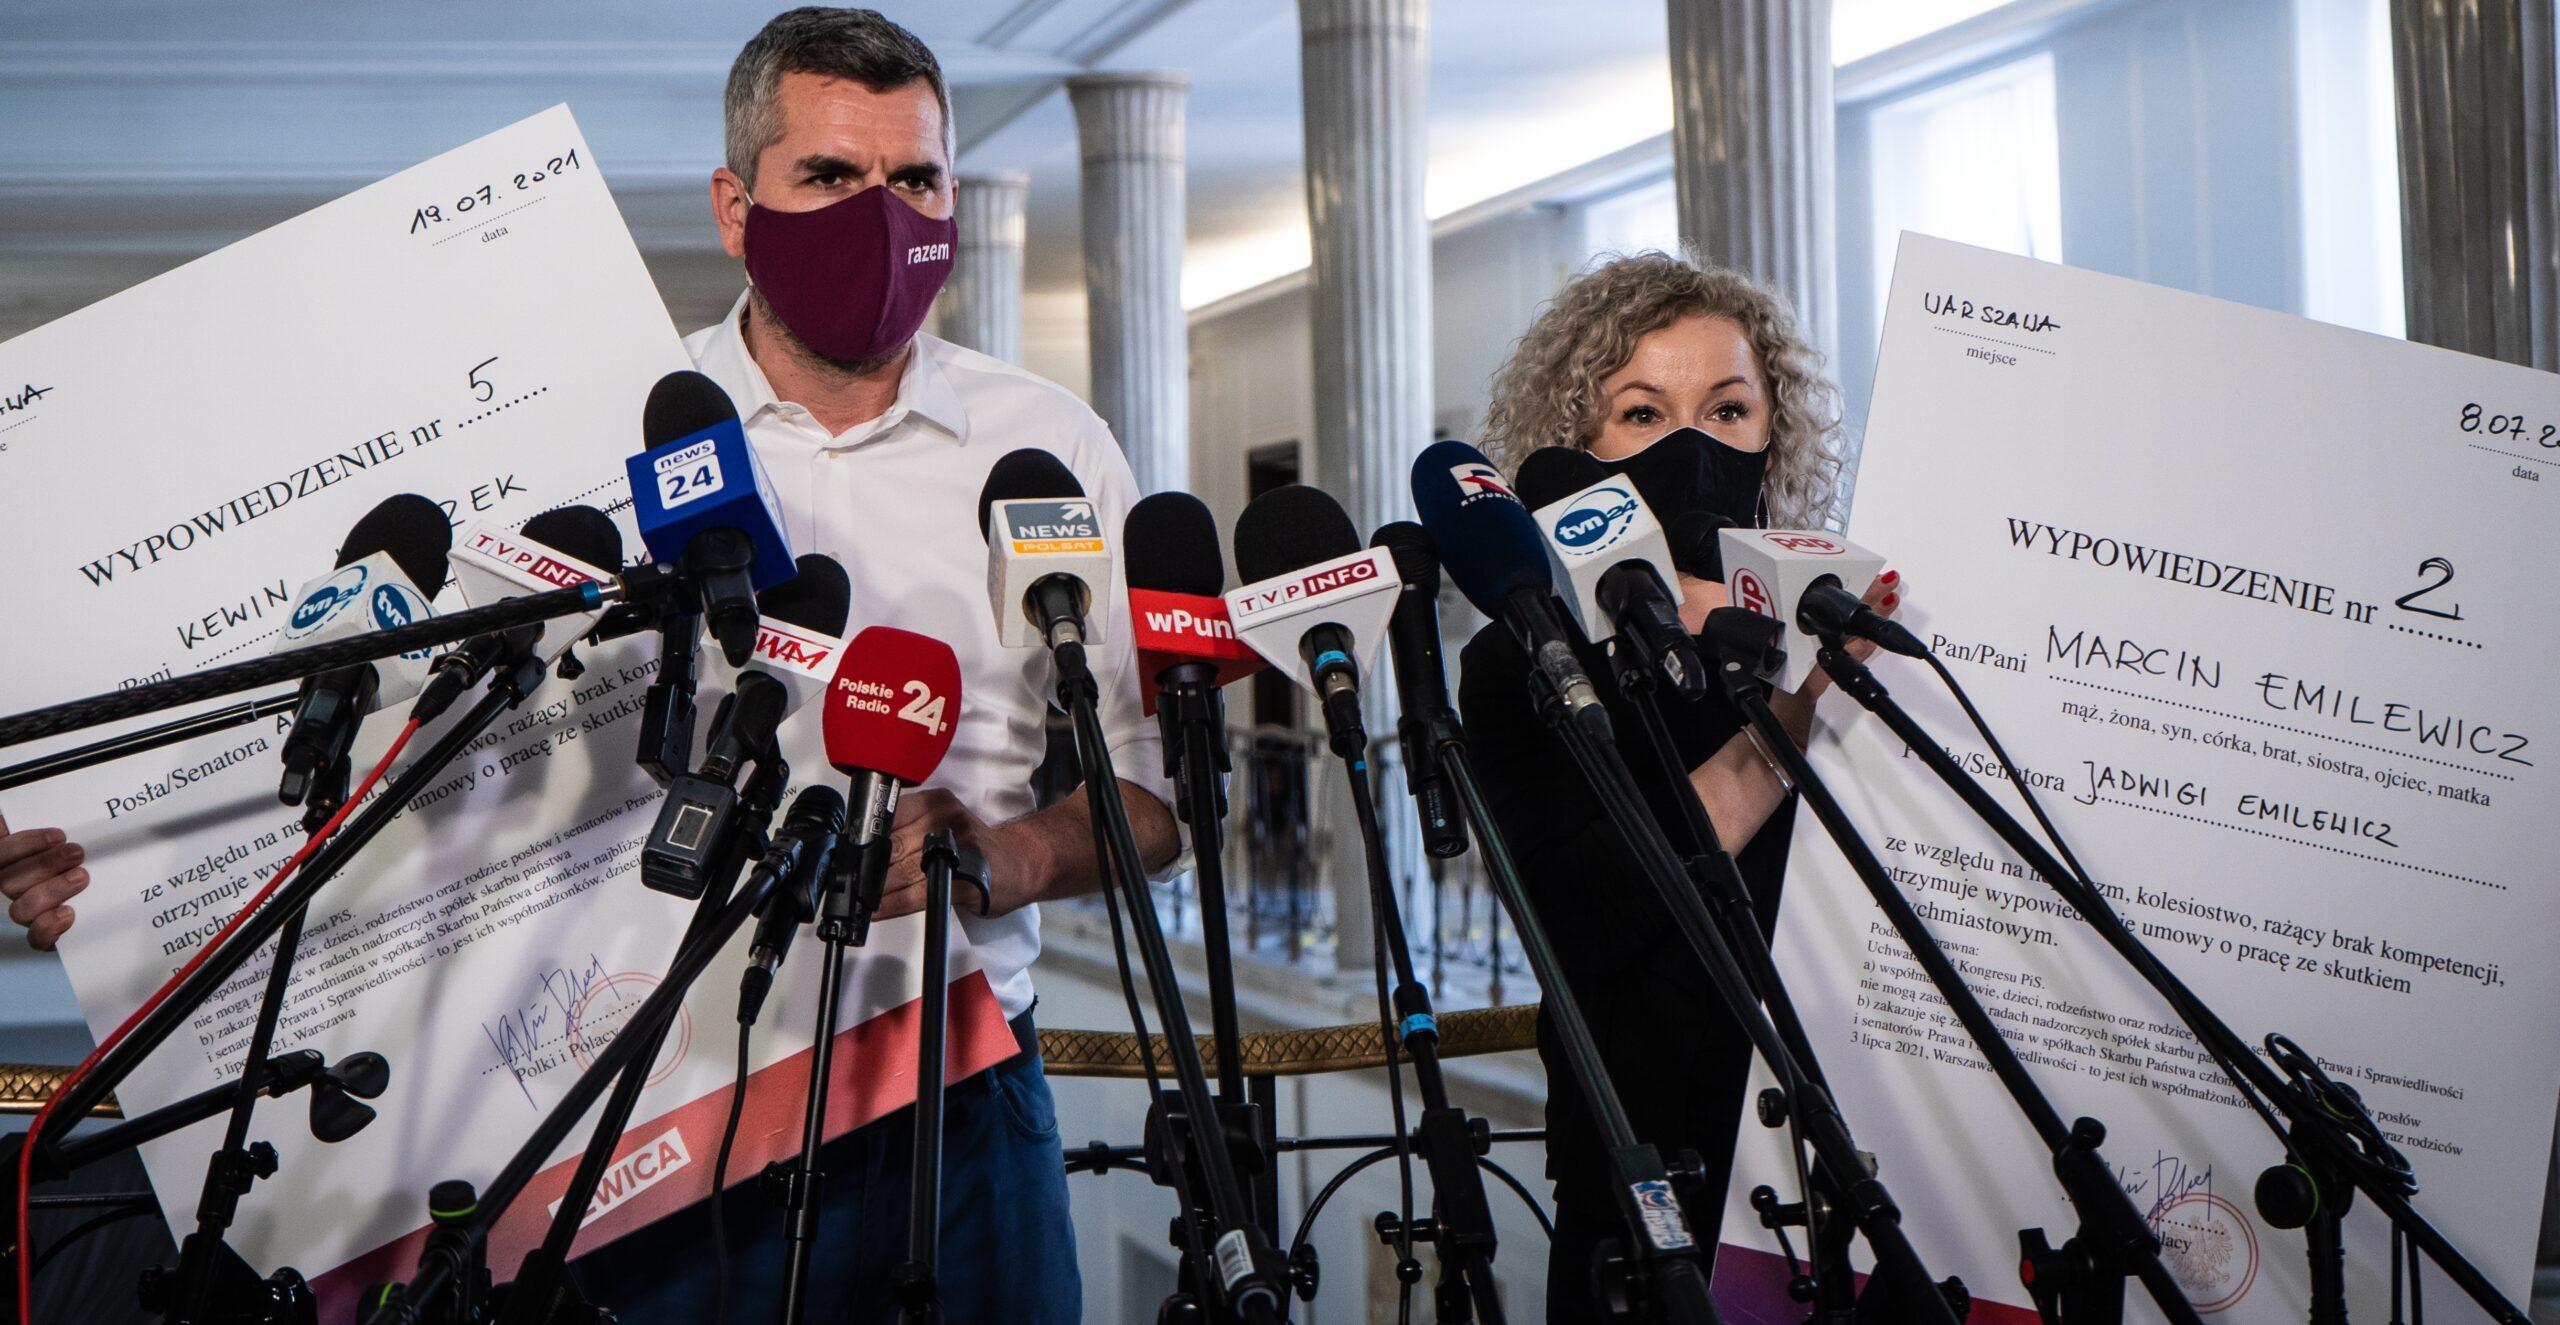 Posłowie Lewicy tworzą mapę nepotyzmu PiS i wręczają rodzinom polityków wypowiedzenia